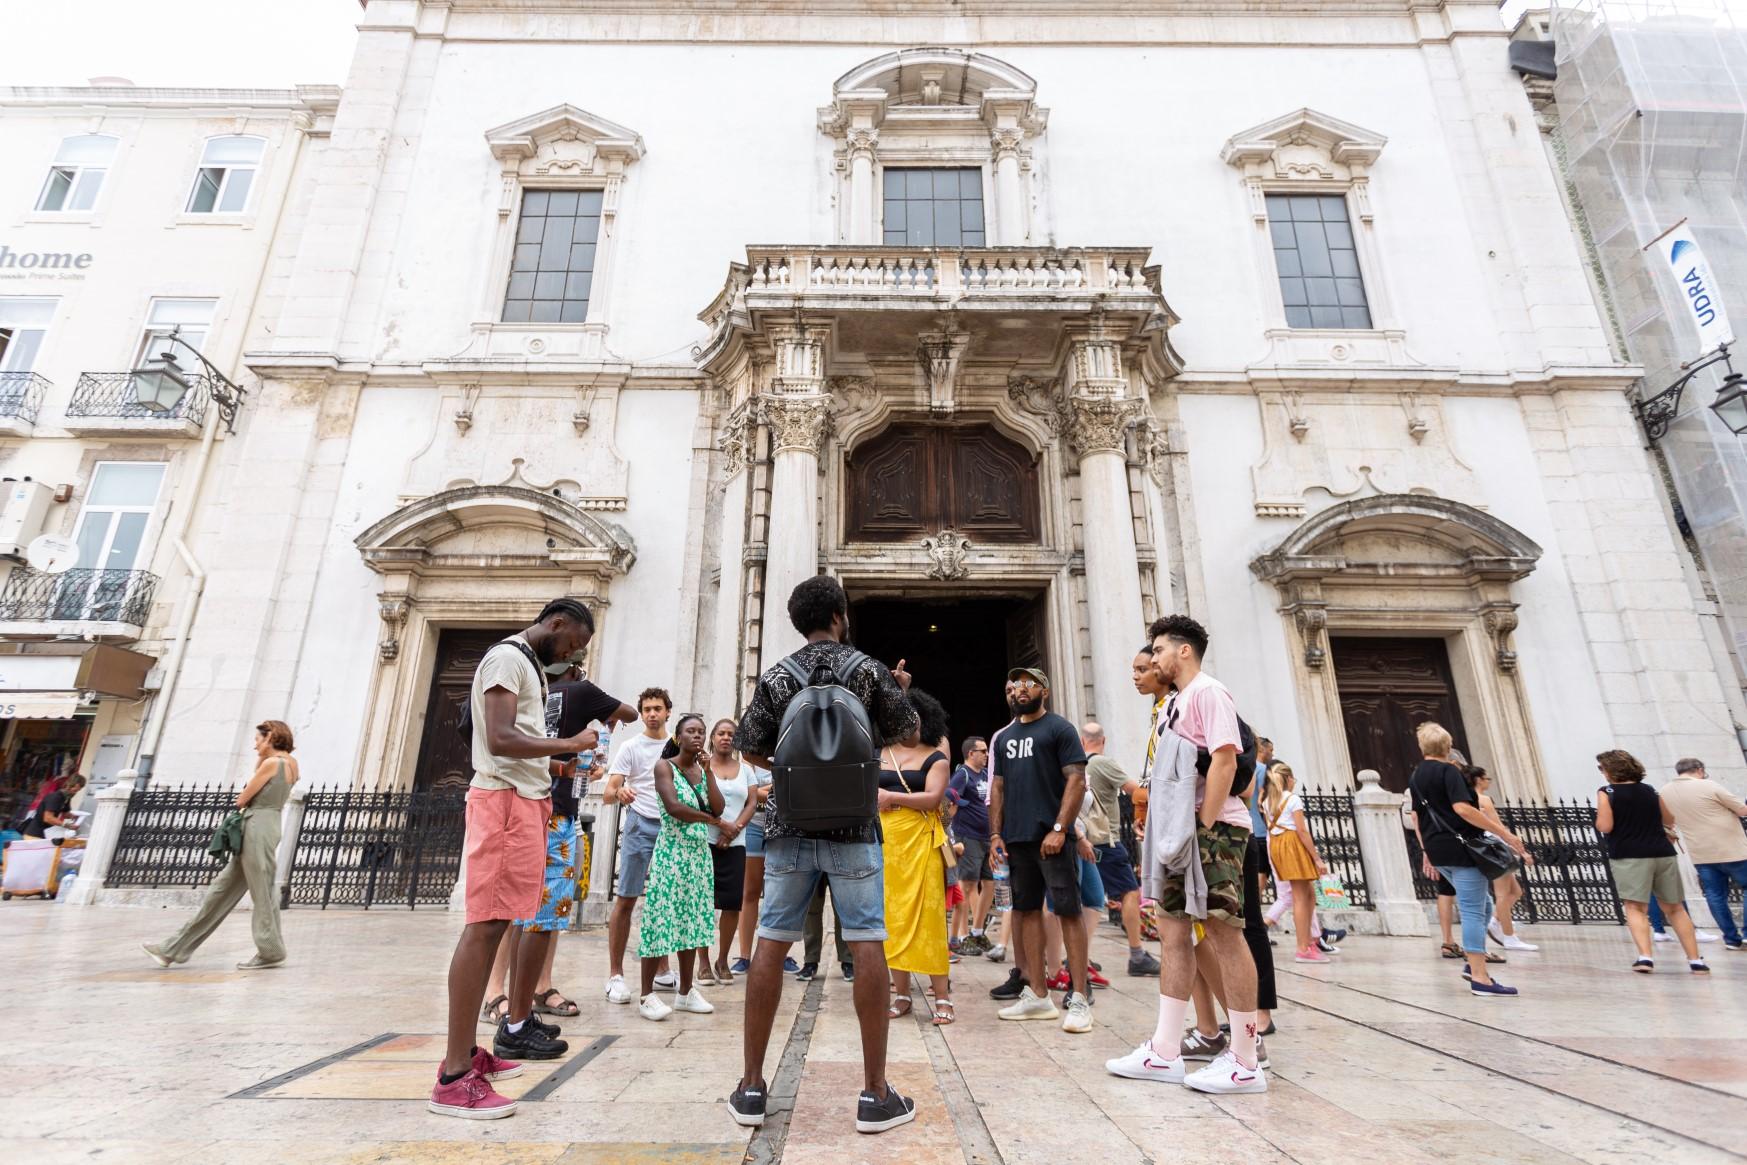 Foto de um grupo de pessoas, em sua maioria negros, em frente a um prédio antido.